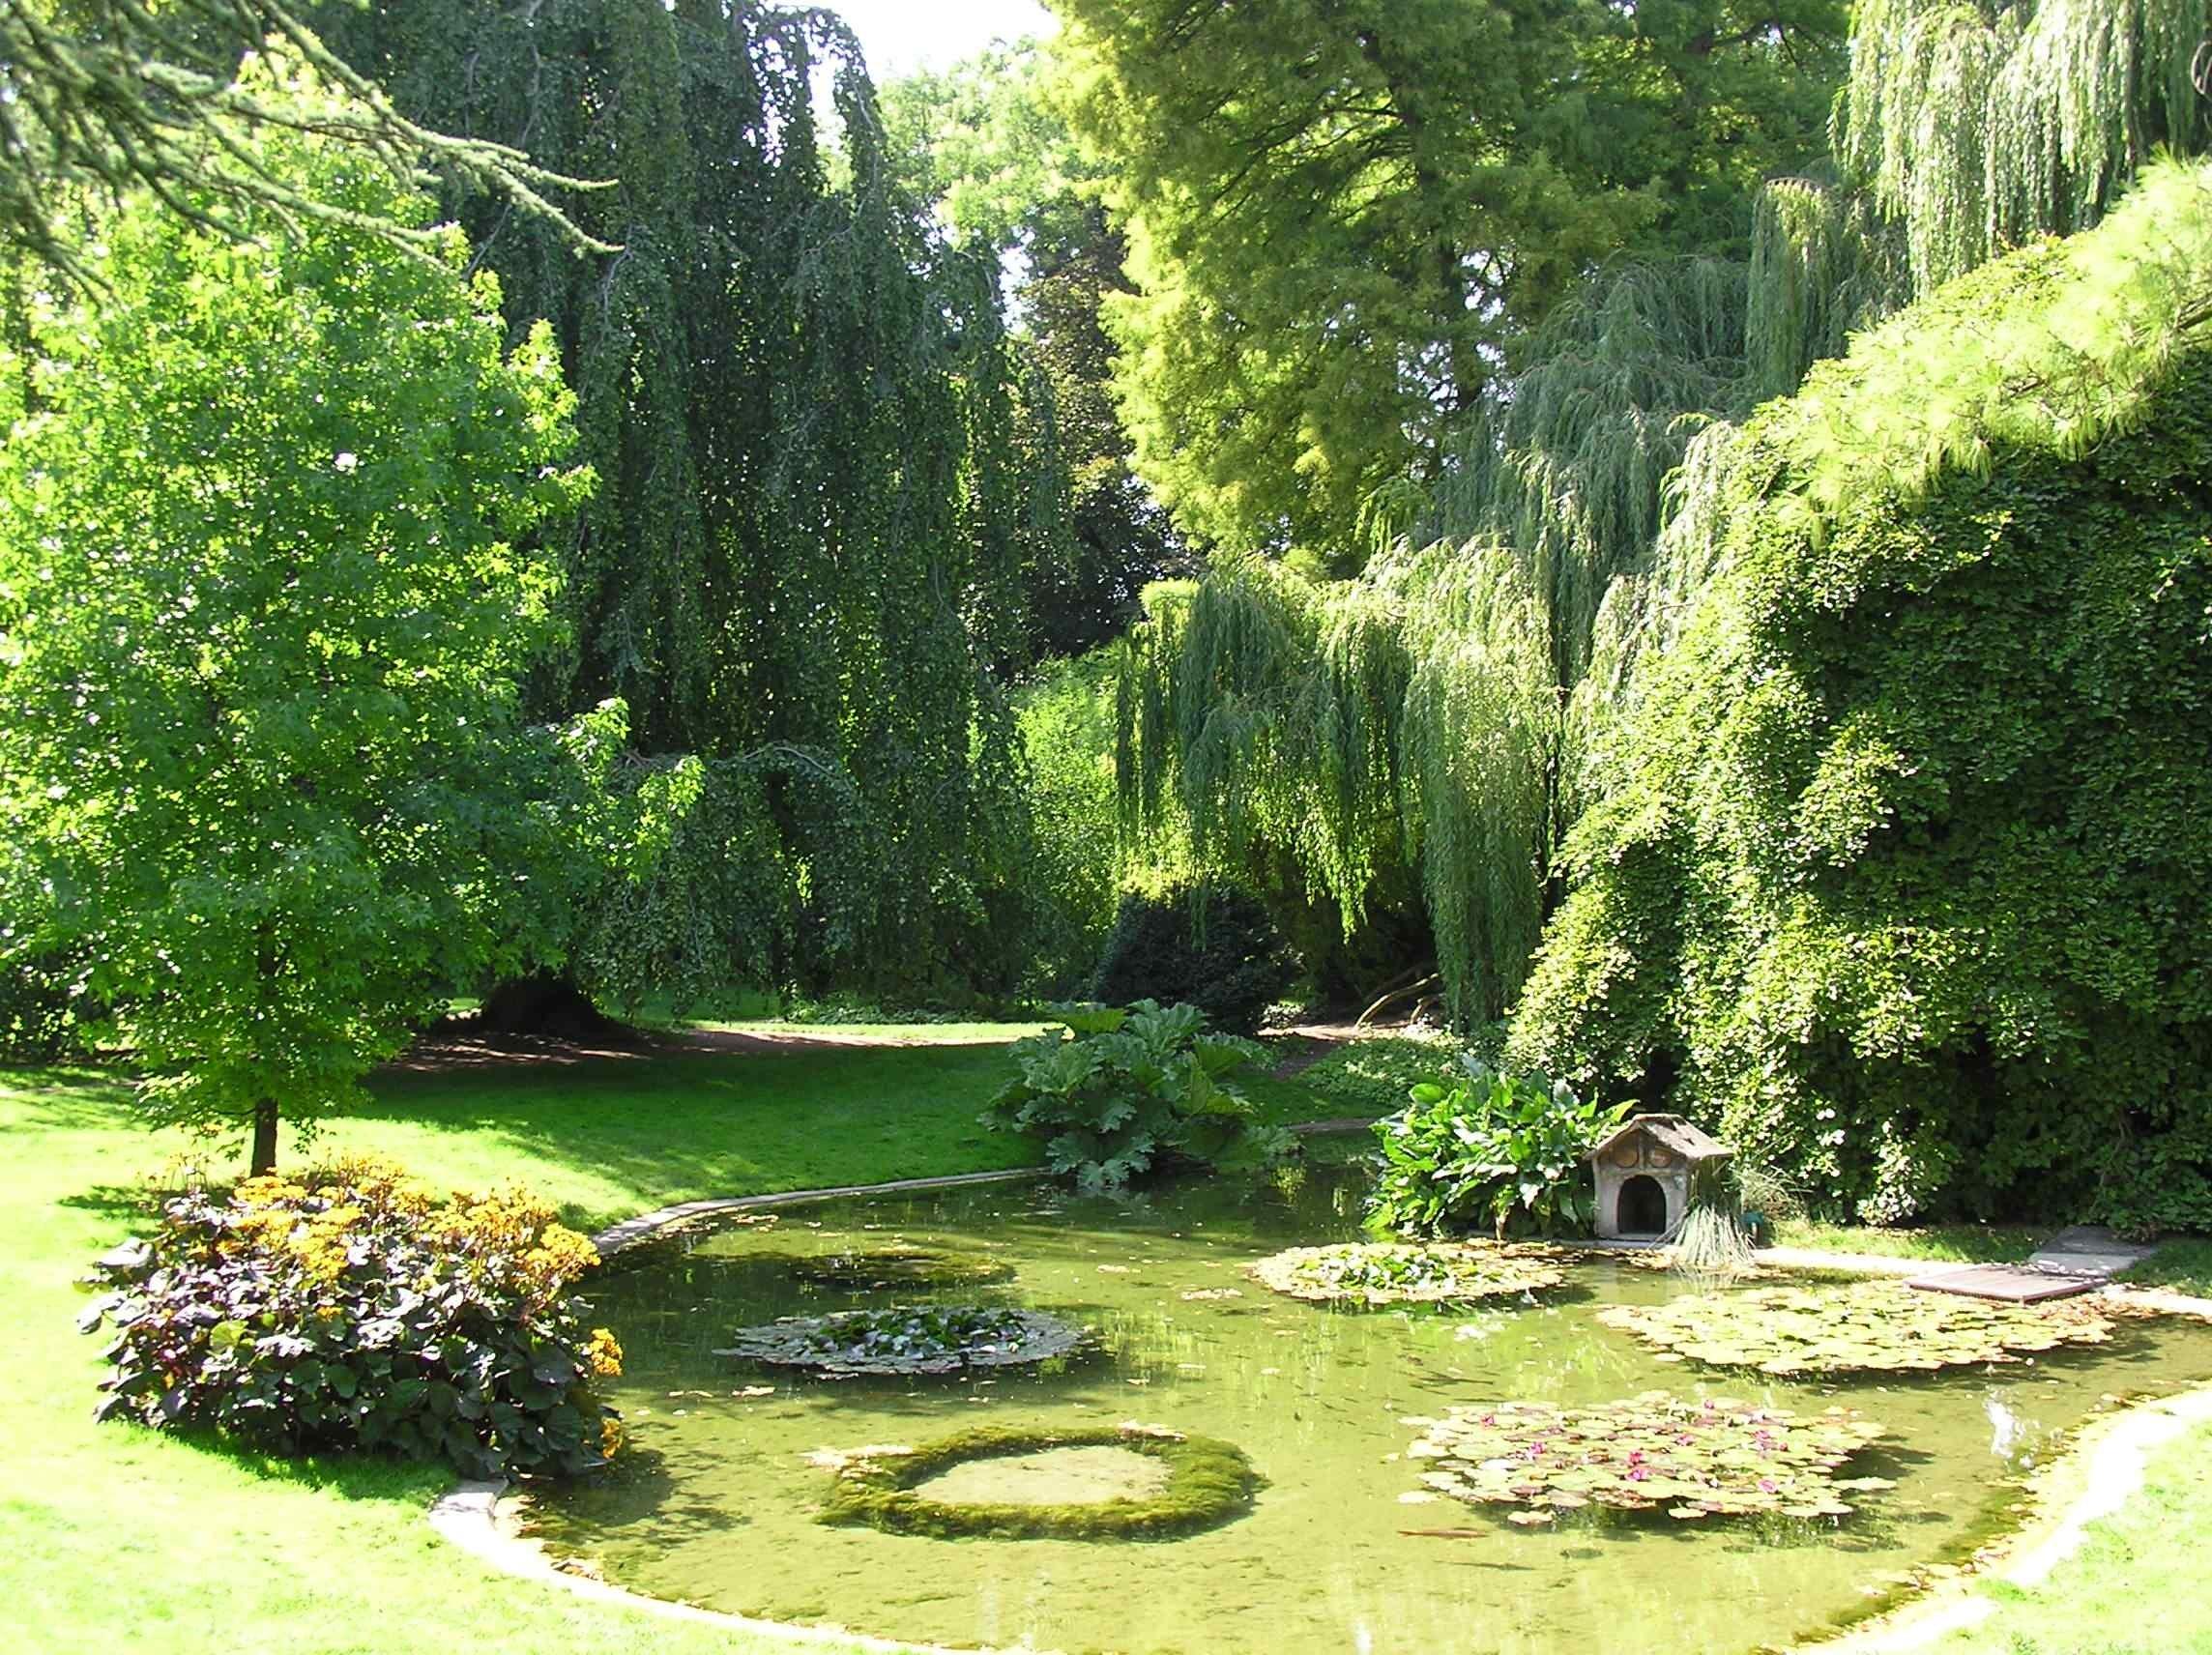 Le Jardin De Joeliah Beau Stock Detour Paris Décorétonnant Le Jardin Des Crayeres Reims Image 2 Of